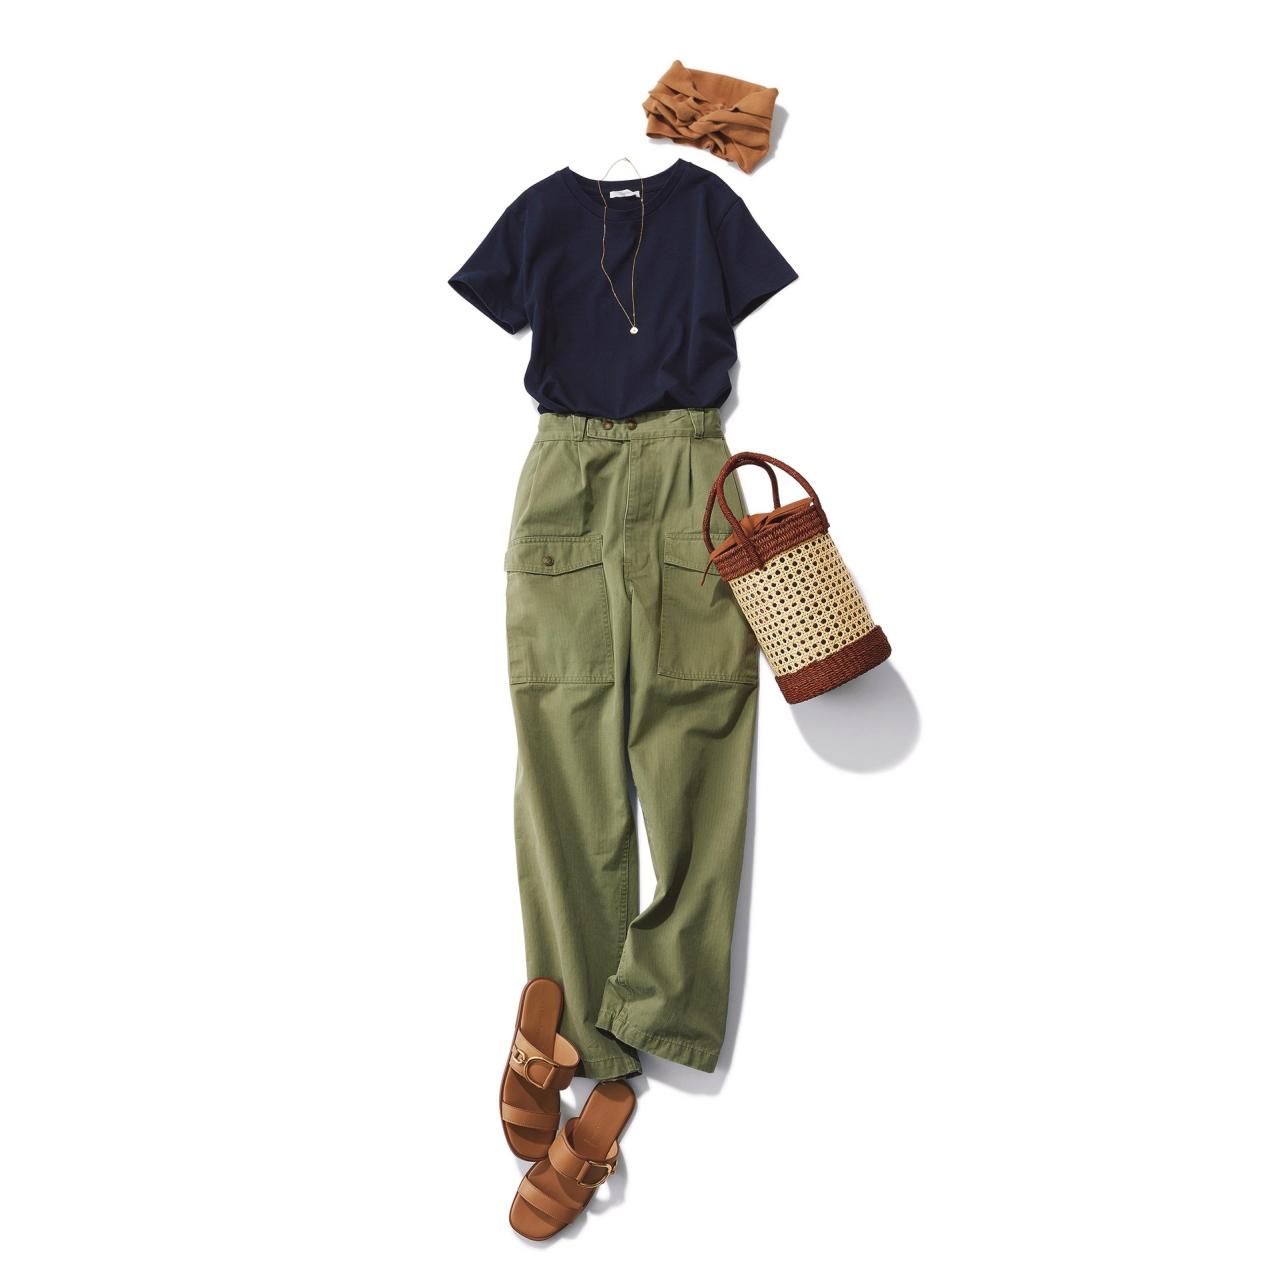 今年らしい「かごバッグ」とスタイリングで夏おしゃれを攻略!2020夏かごバッグまとめ 40代夏ファッション_1_27